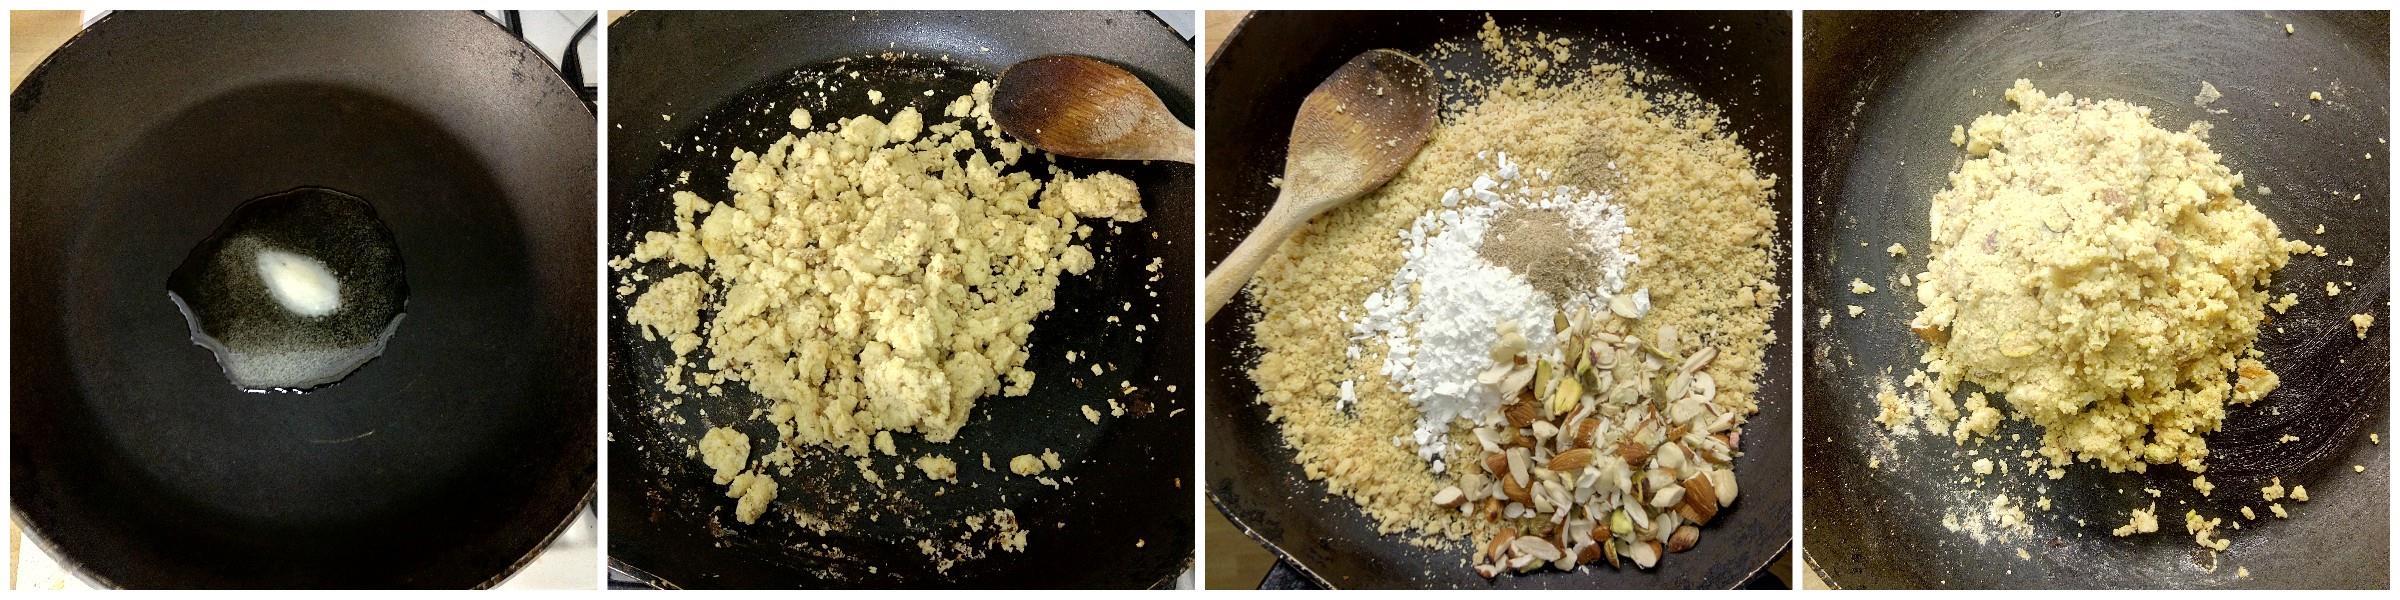 gujiya recipe step 2